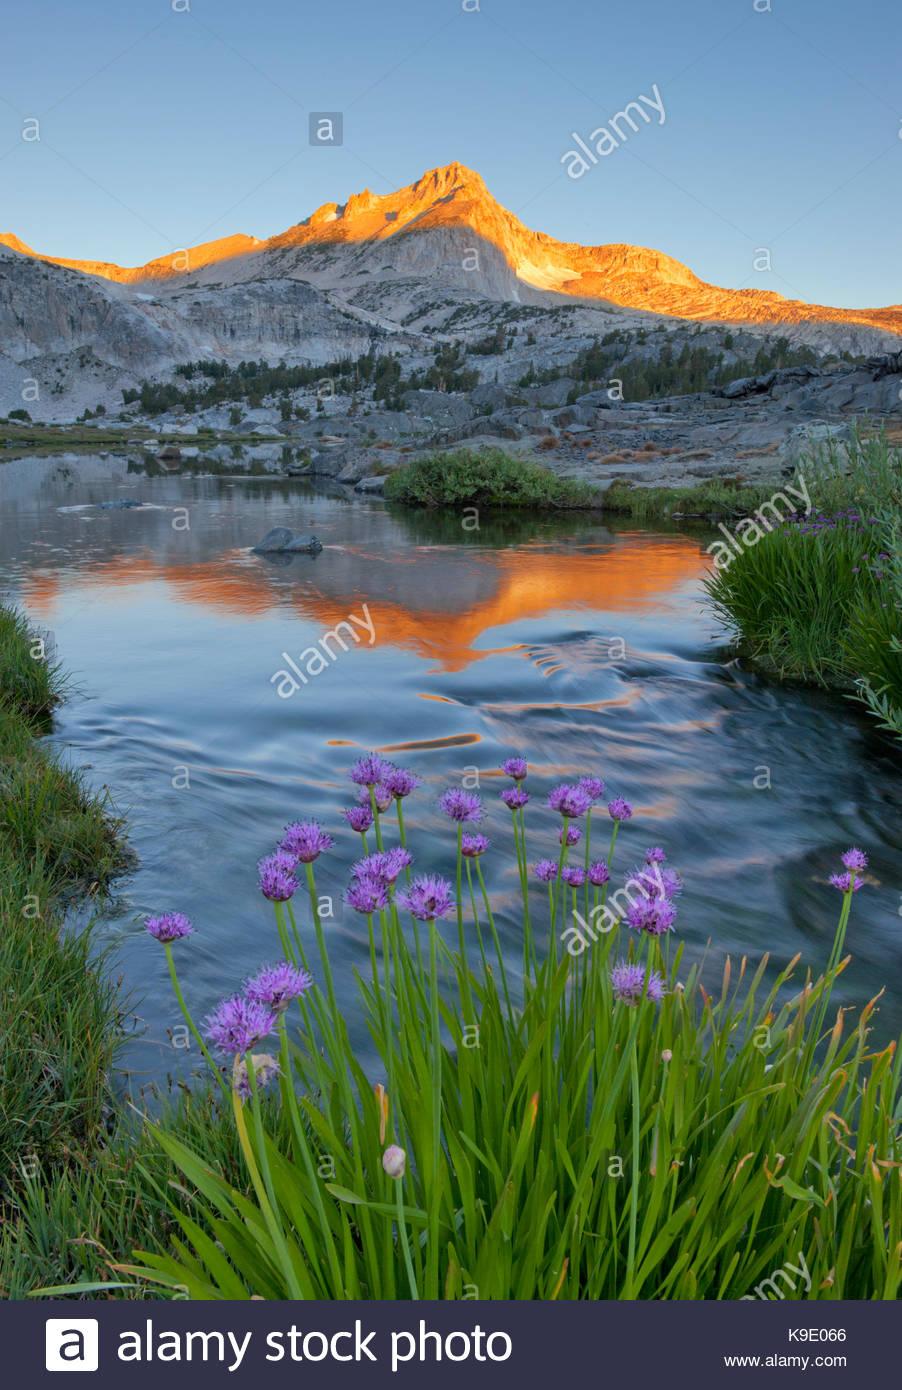 La cebolla salvaje, Lago Greenstone y norte de Pico, Hoover, Inyo Wilderness National Forest, California Imagen De Stock